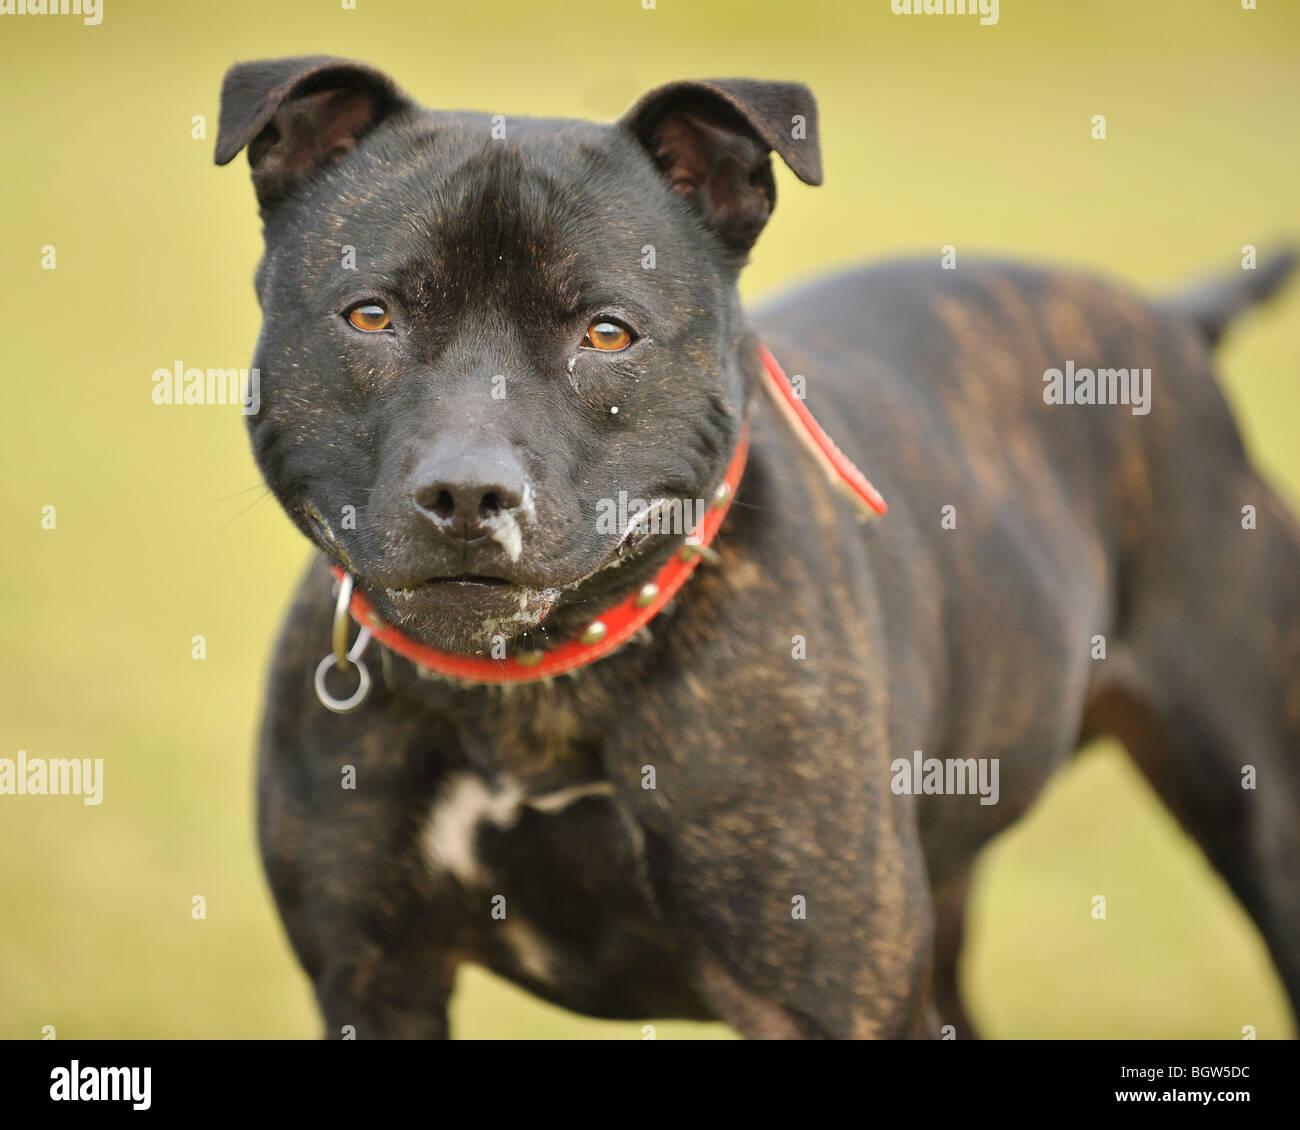 pit bull terrier type dog - Stock Image